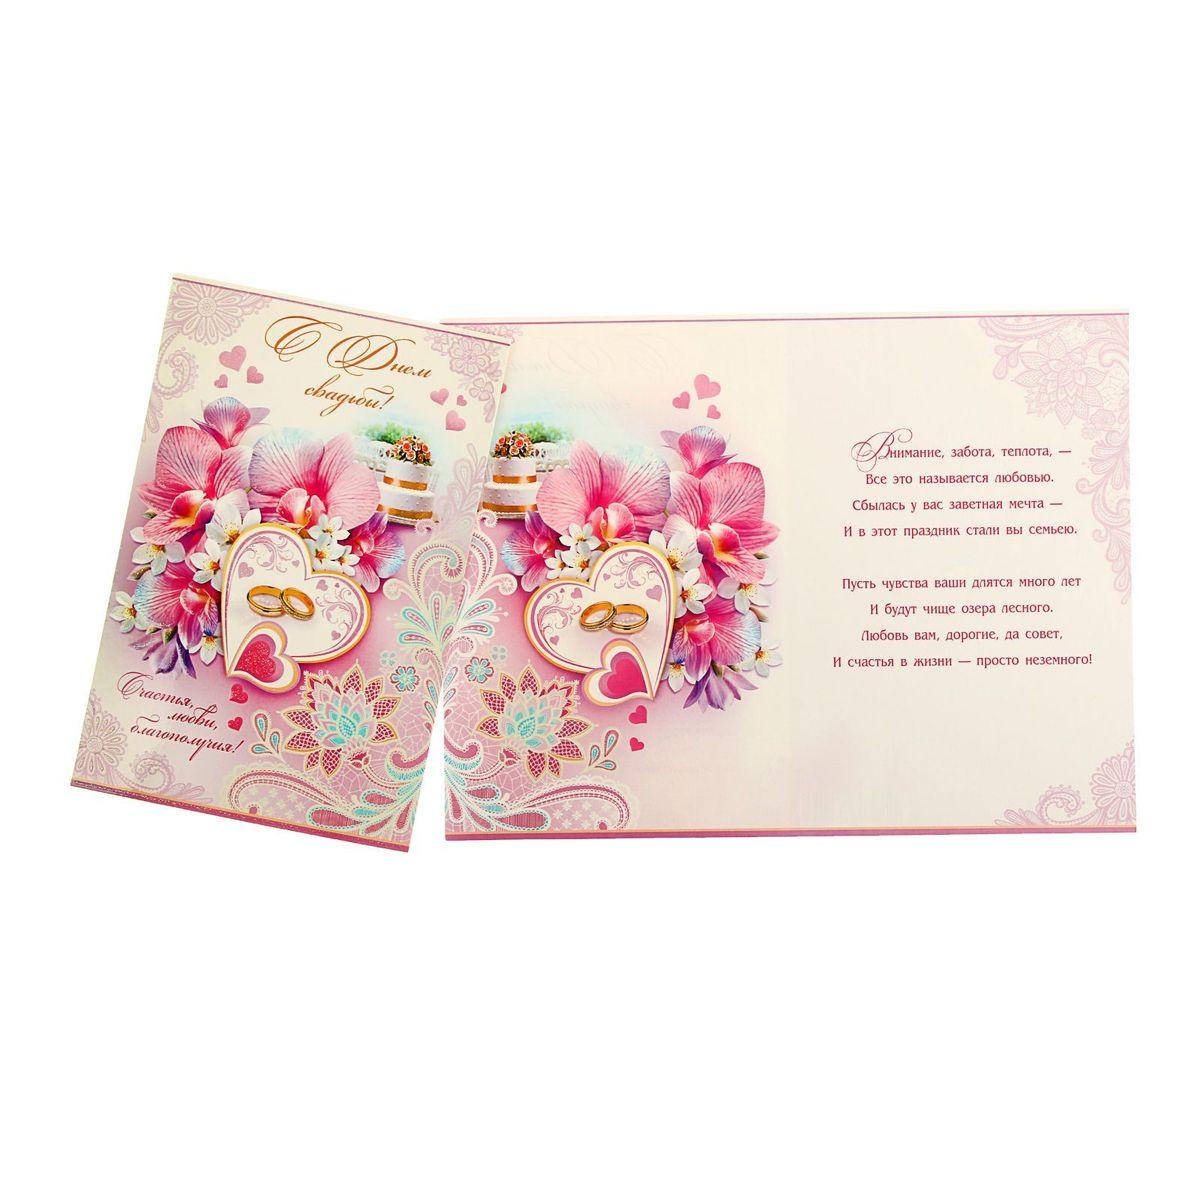 Открытка Мир открыток С Днем свадьбы!. 11859791185979Если вы хотите порадовать себя или близких, создать праздничное настроение и с улыбкой провести памятный день, то вы, несомненно, сделали правильный выбор! Открытка Мир открыток С Днем свадьбы!, выполненная из картона, отличается не только оригинальным дизайном, но и высоким качеством. Лицевая сторона изделия оформлена красивым изображением цветов и колец. Внутри открытка содержит текст с поздравлением. Такая открытка непременно порадует получателя и станет отличным напоминанием о проведенном вместе времени.